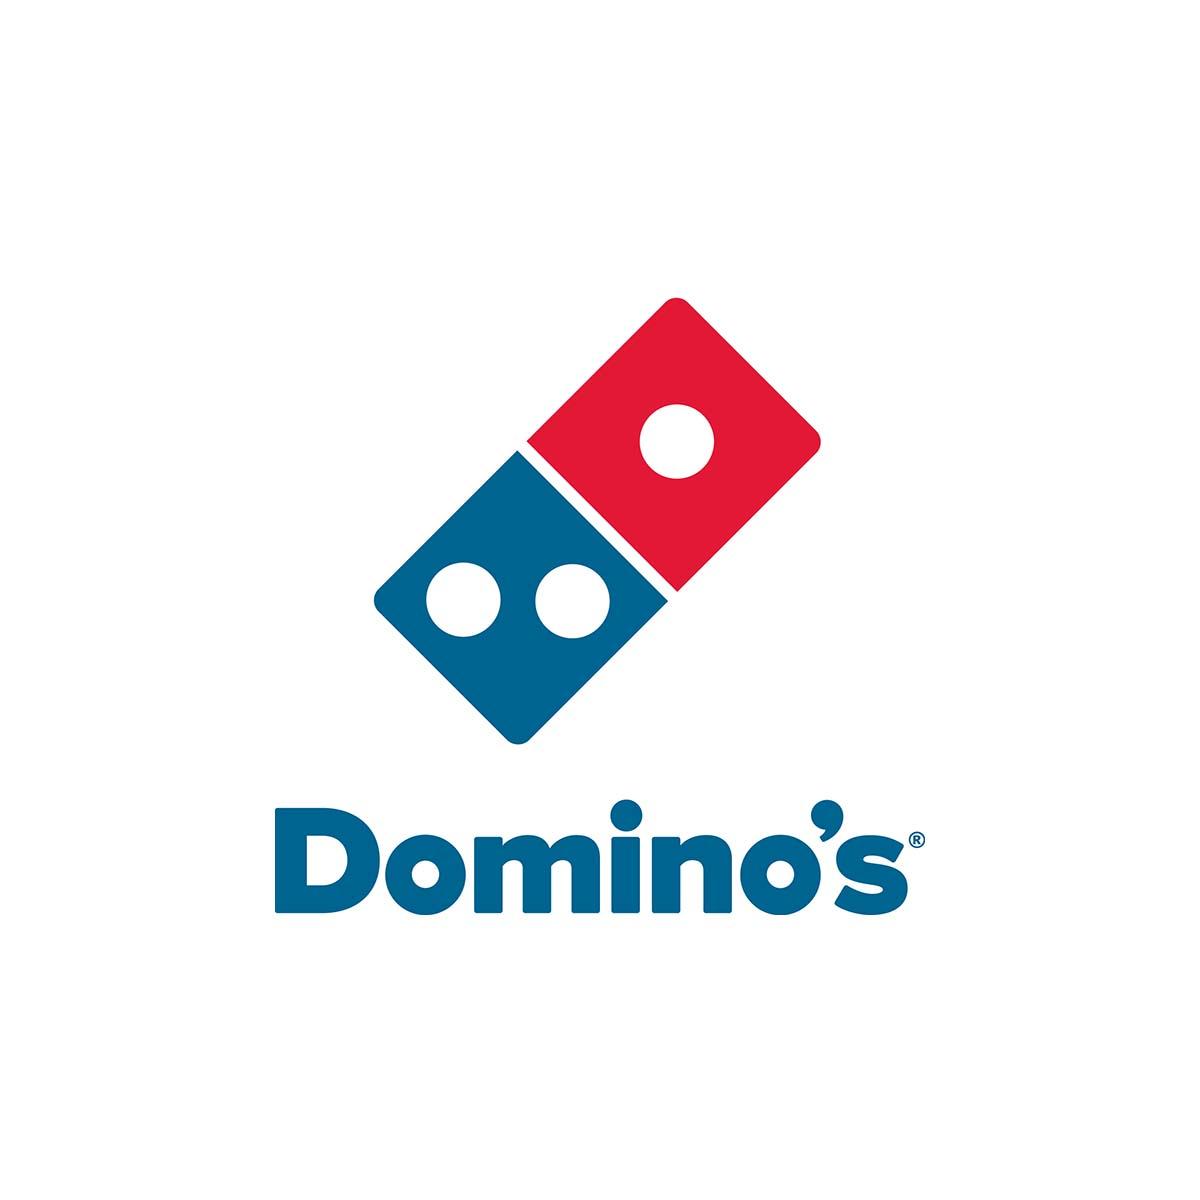 dominos member login